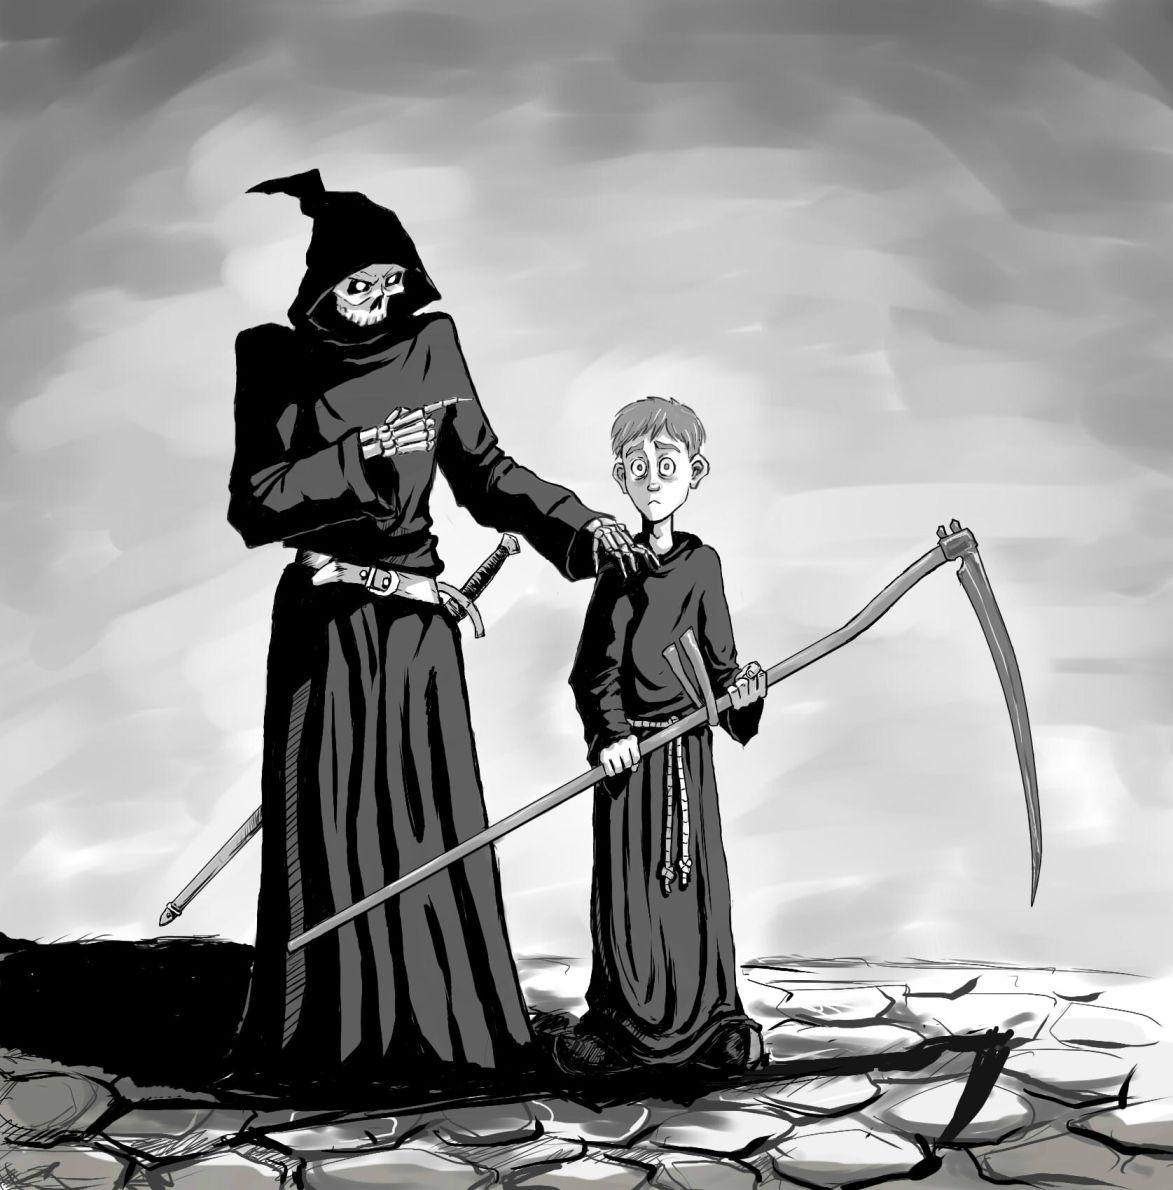 [Пратчетт Терри] Мор, ученик смерти